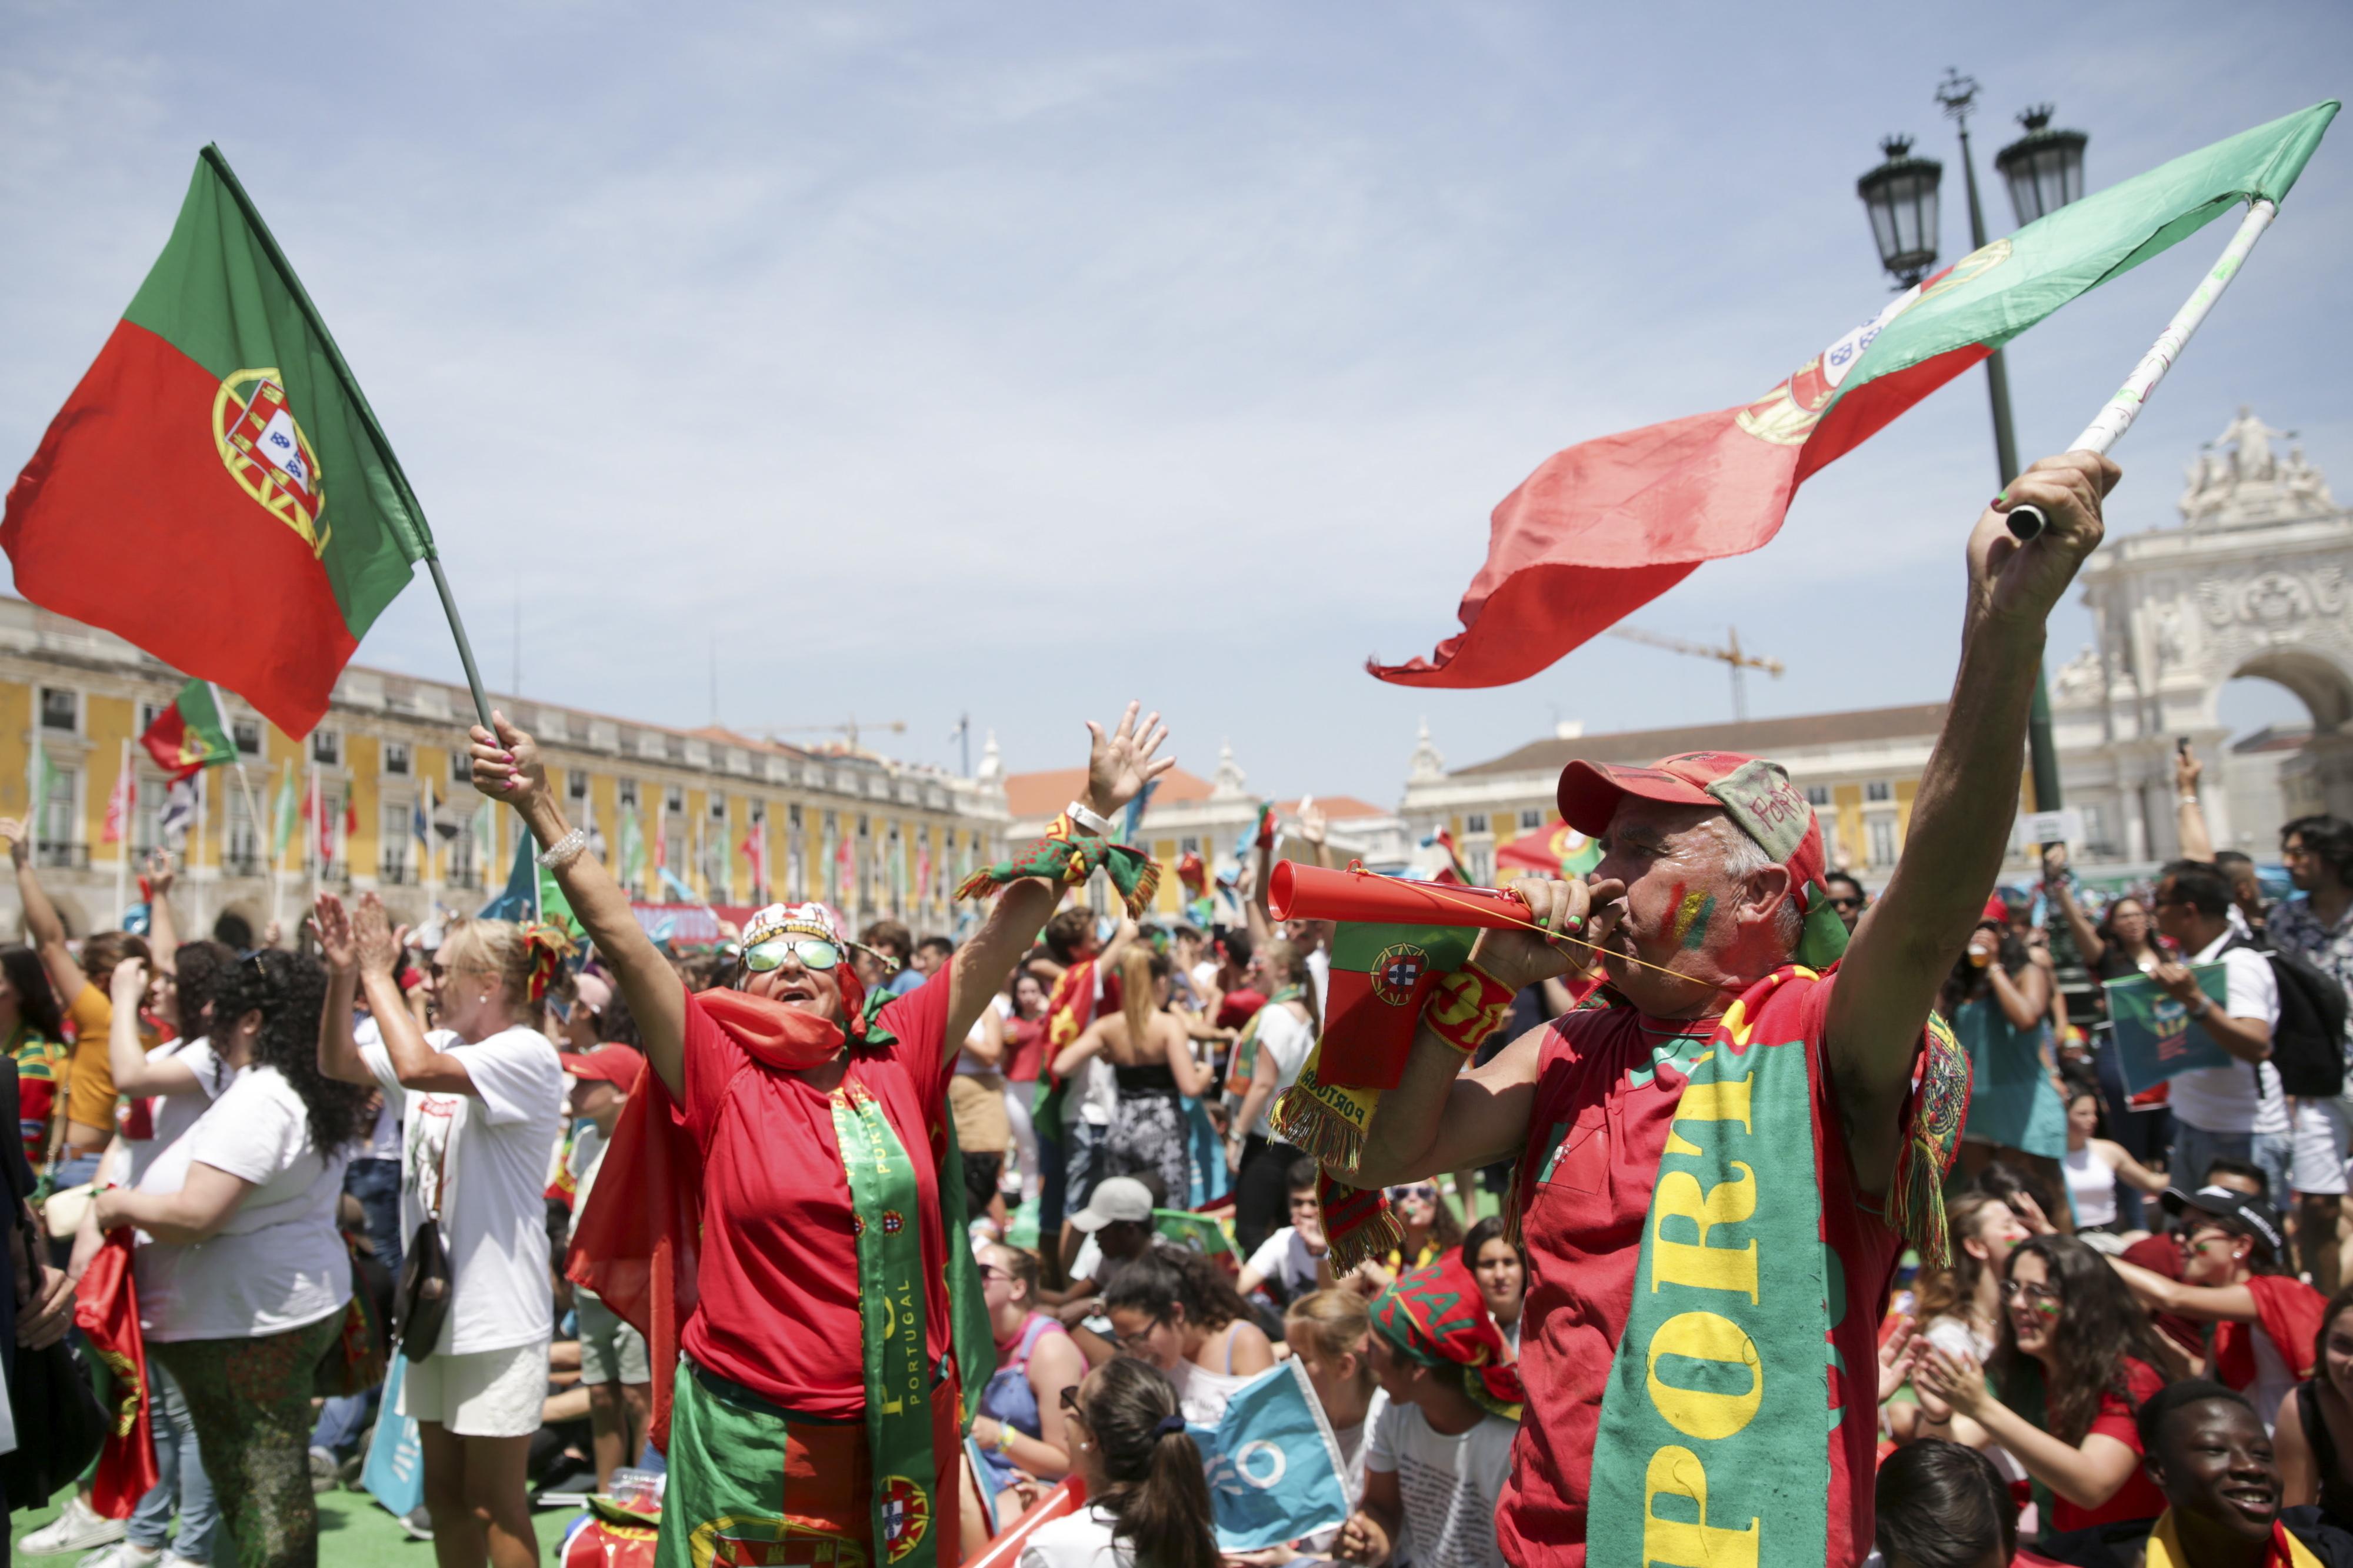 Mundial2018: Vitória de Portugal festejada com reservas pelos adeptos no Terreiro do Paço